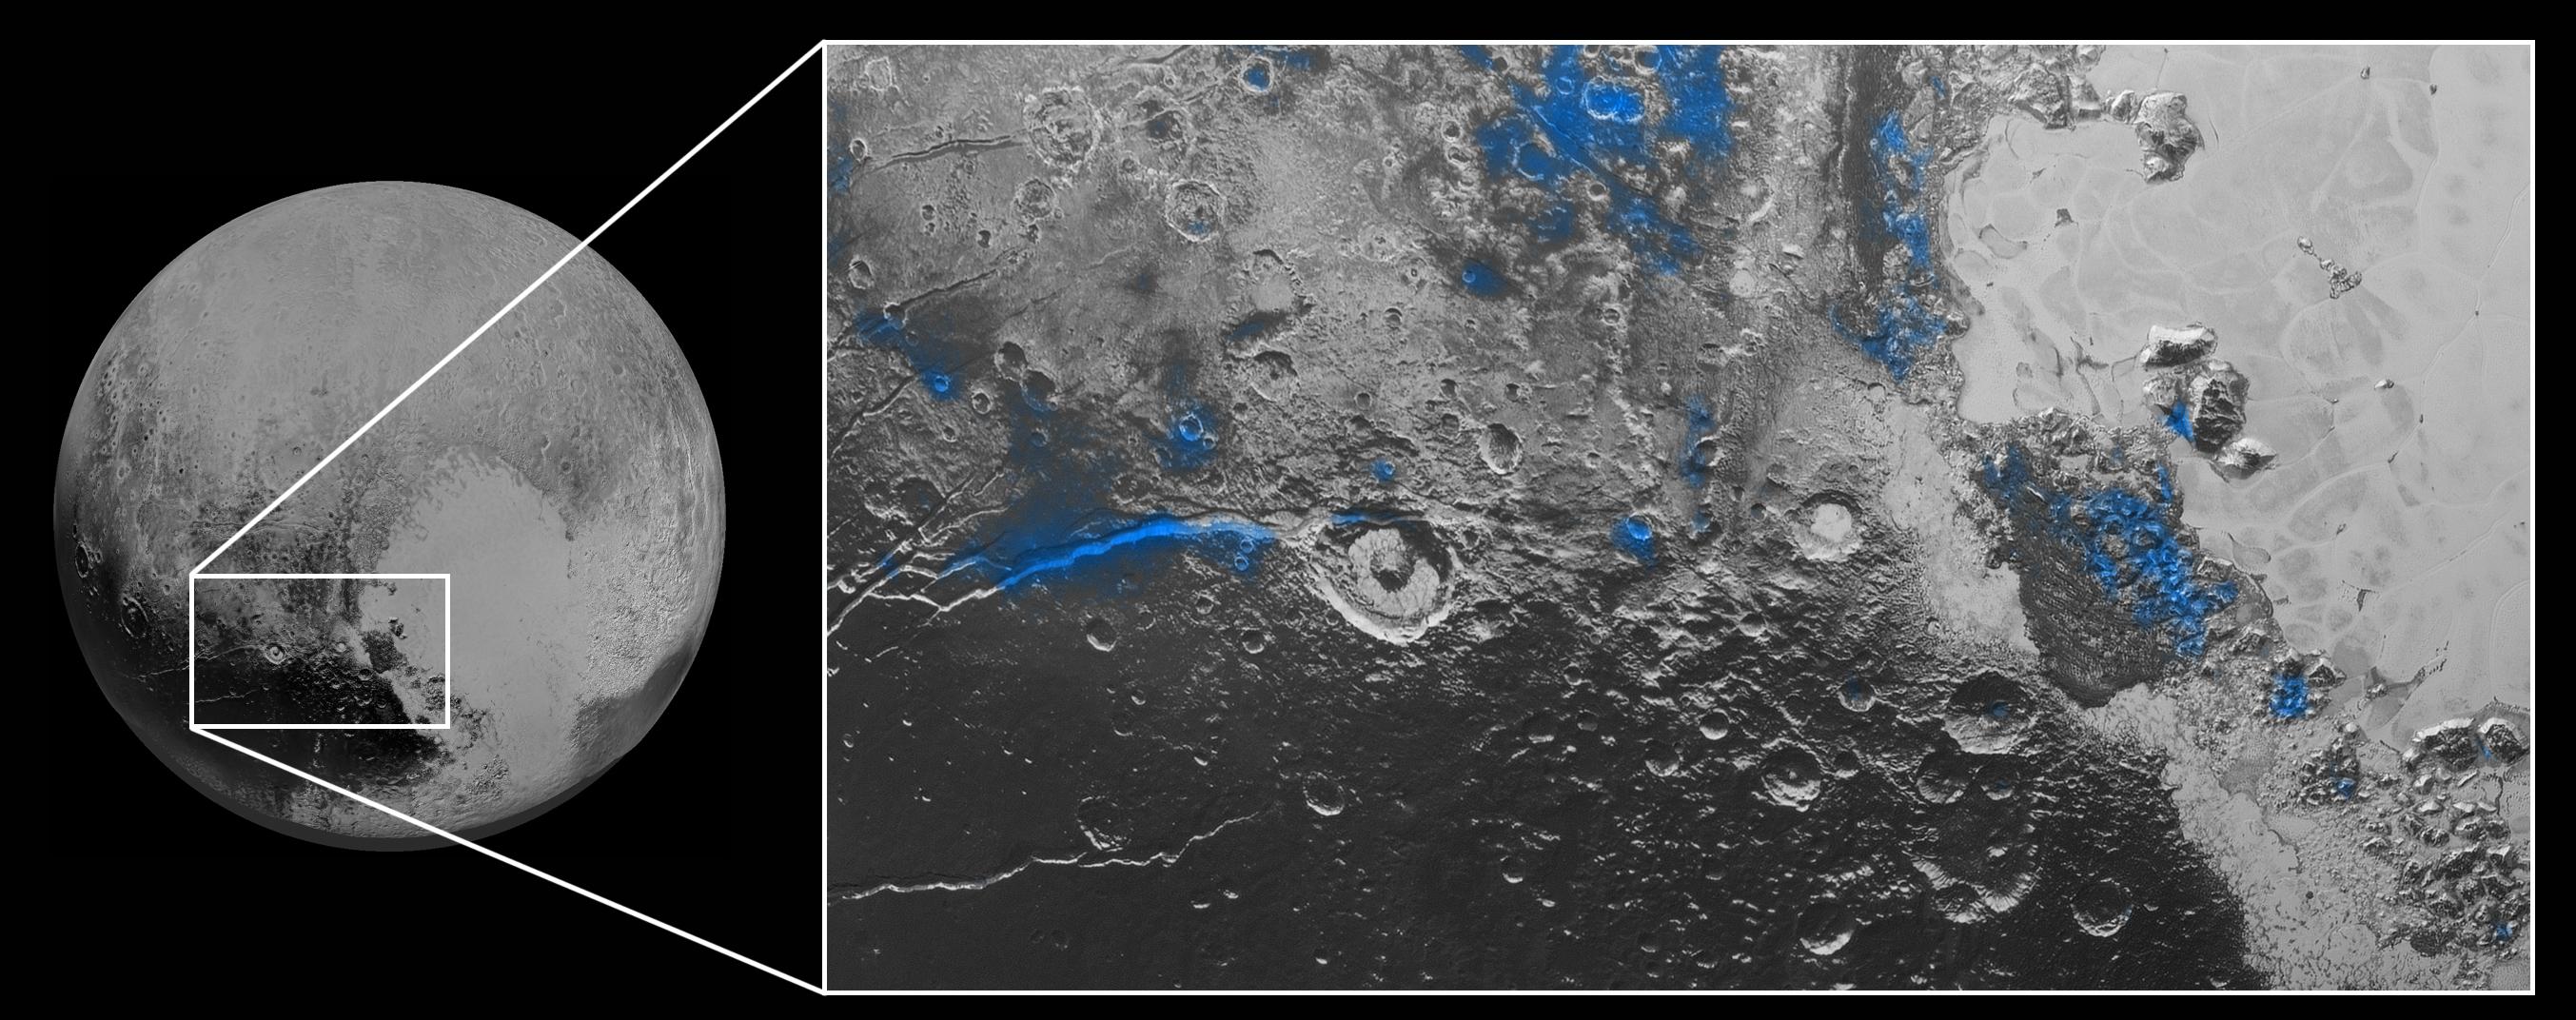 Tento kompozitní záběr ze zařízení Ralph kombinuje snímky z viditelné oblasti z kamery MVIC (Multispectra Visible Imaging Camera) a z infračerveného spektrometru LEISA (Linear Etalon Imaging Spectral Array), který mapuje rozložení dusíku, metanu, oxidu uhelnatého, vody a organických látek. Modrou barvou jsou zvýrazněny oblasti se zbytky vodního ledu. Jeho nejvýznamnější podíl je podél brázdy Virgil Fossa západně od kráteru Elliot a v oblasti Viking Terra v horní části snímku. Větší část se nachází rovněž v Baré Montes v pravé části snímku, kde jsou i četné další menší výskyty, mnohdy související s impaktními krátery a údolími mezi horami. Obrázek zobrazuje oblast asi 450 km širokou